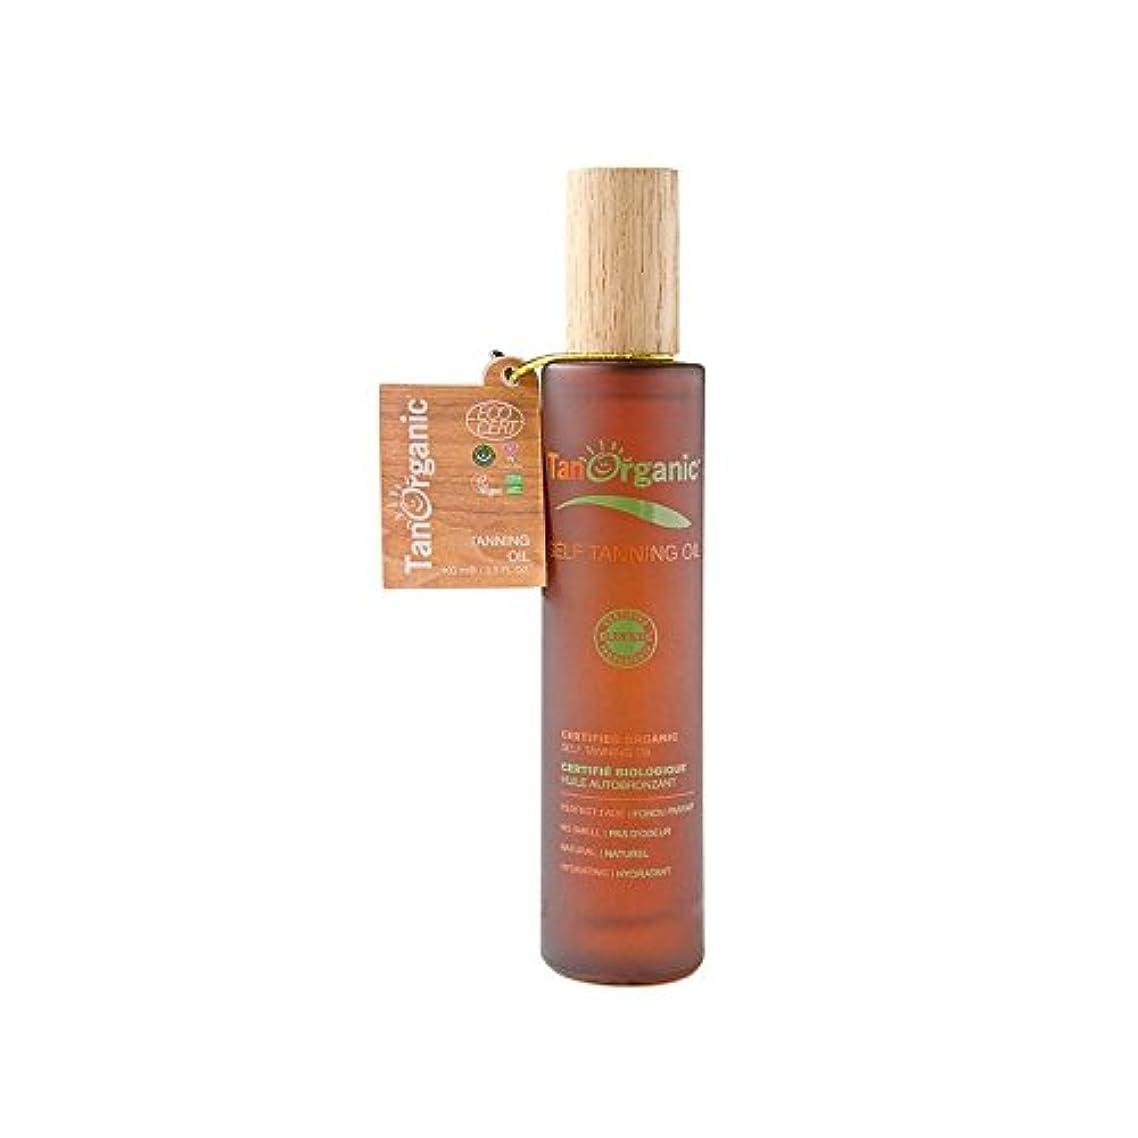 静脈レール持っているTanorganic自己日焼け顔&ボディオイル (Tan Organic) - TanOrganic Self-Tan Face & Body Oil [並行輸入品]